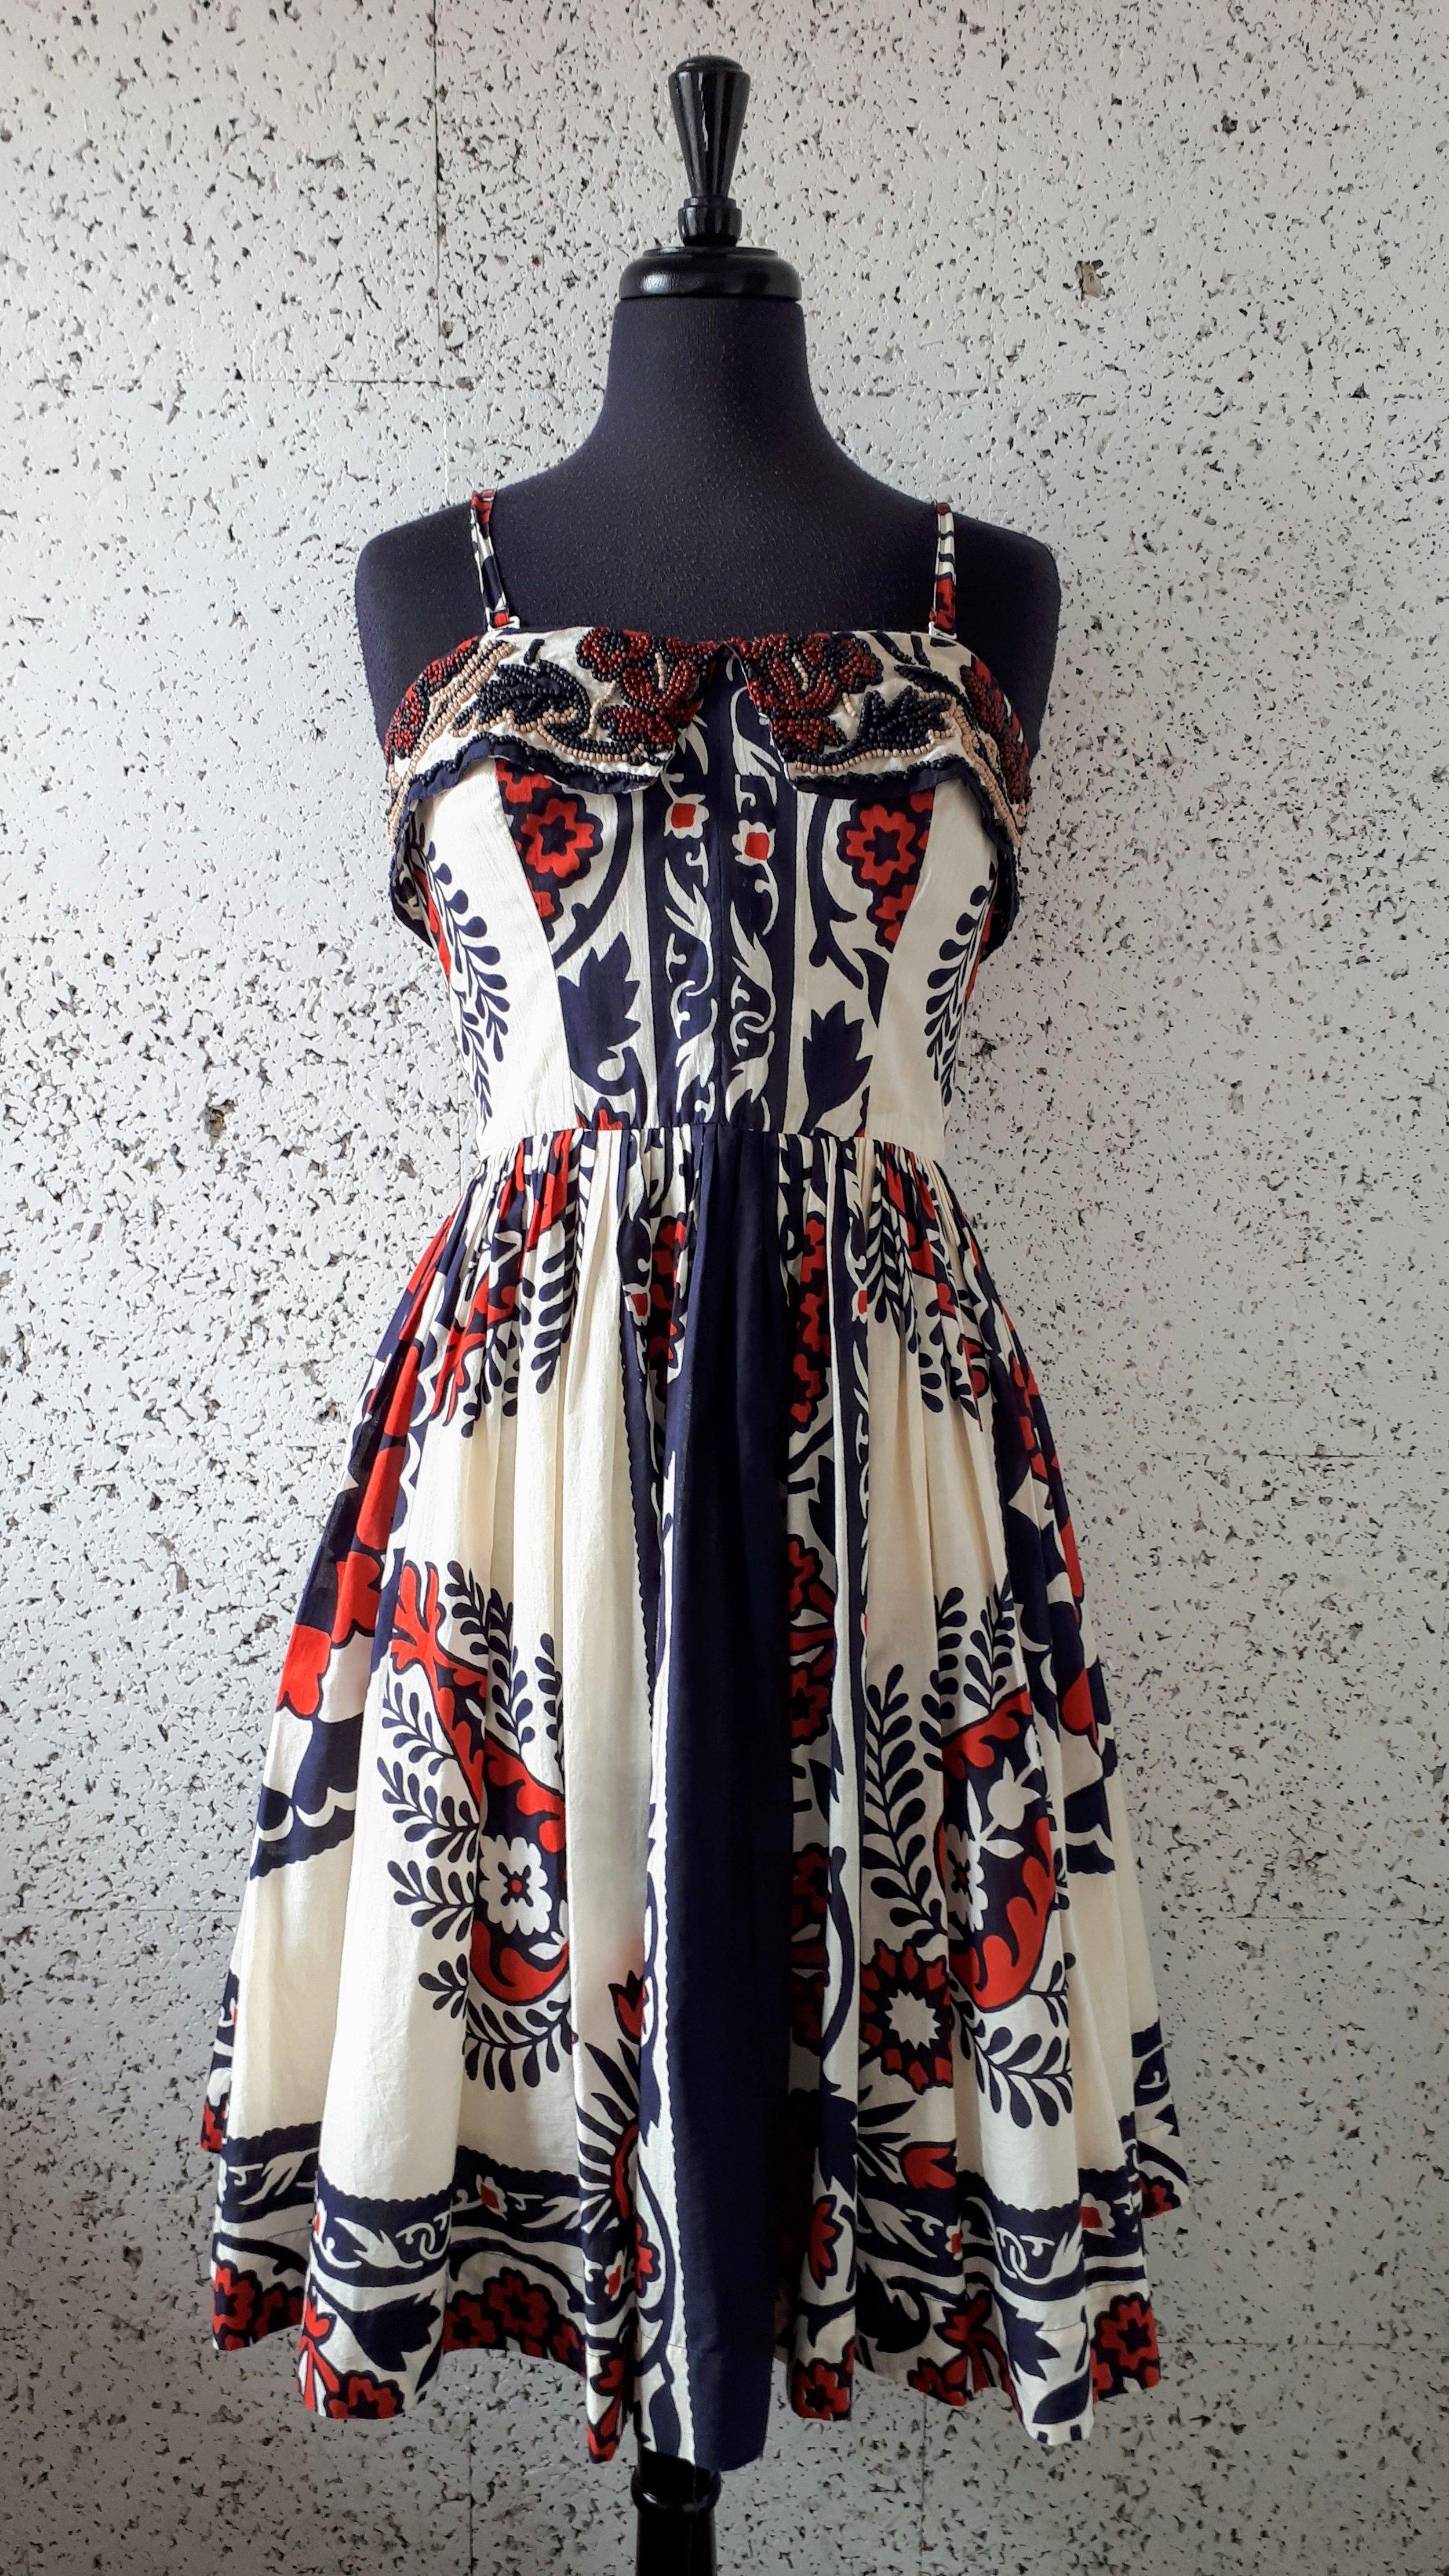 Yoana Baraschi dress; Size S, $48